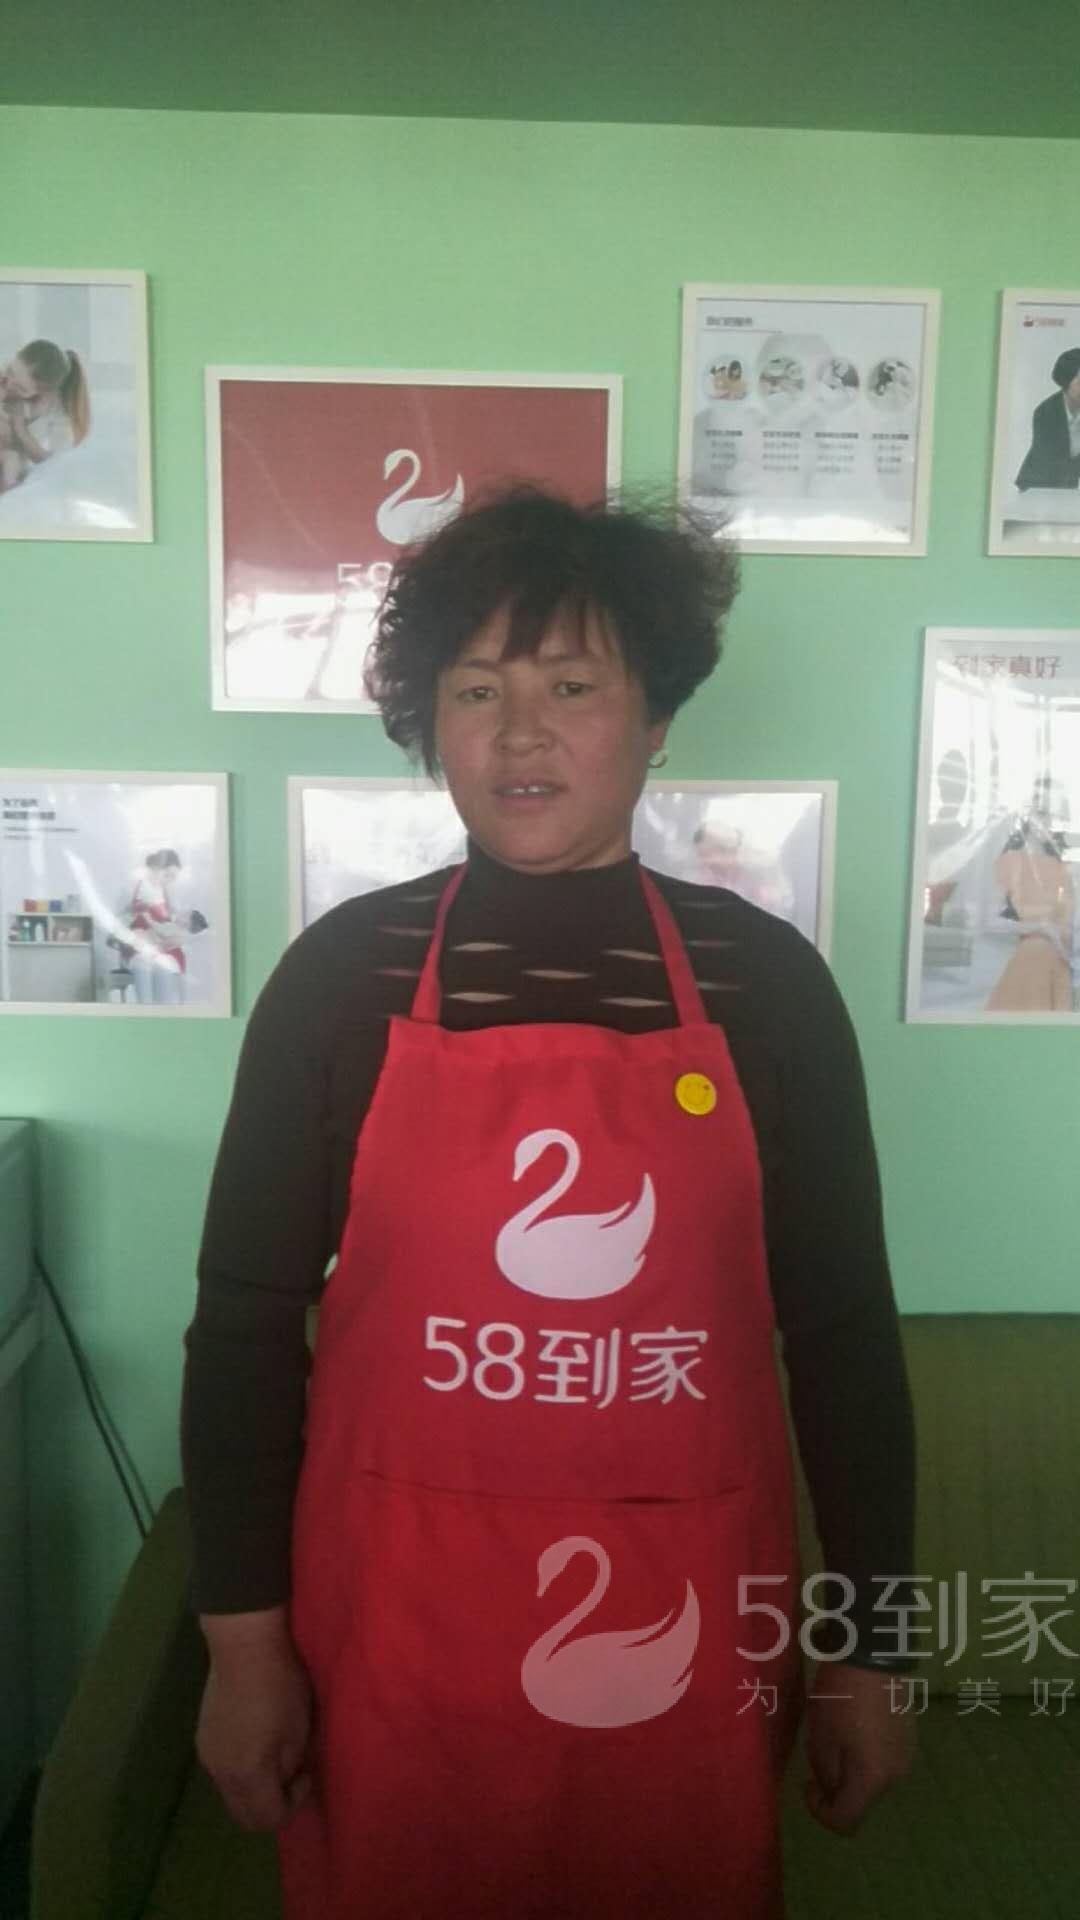 保洁师卢光朱